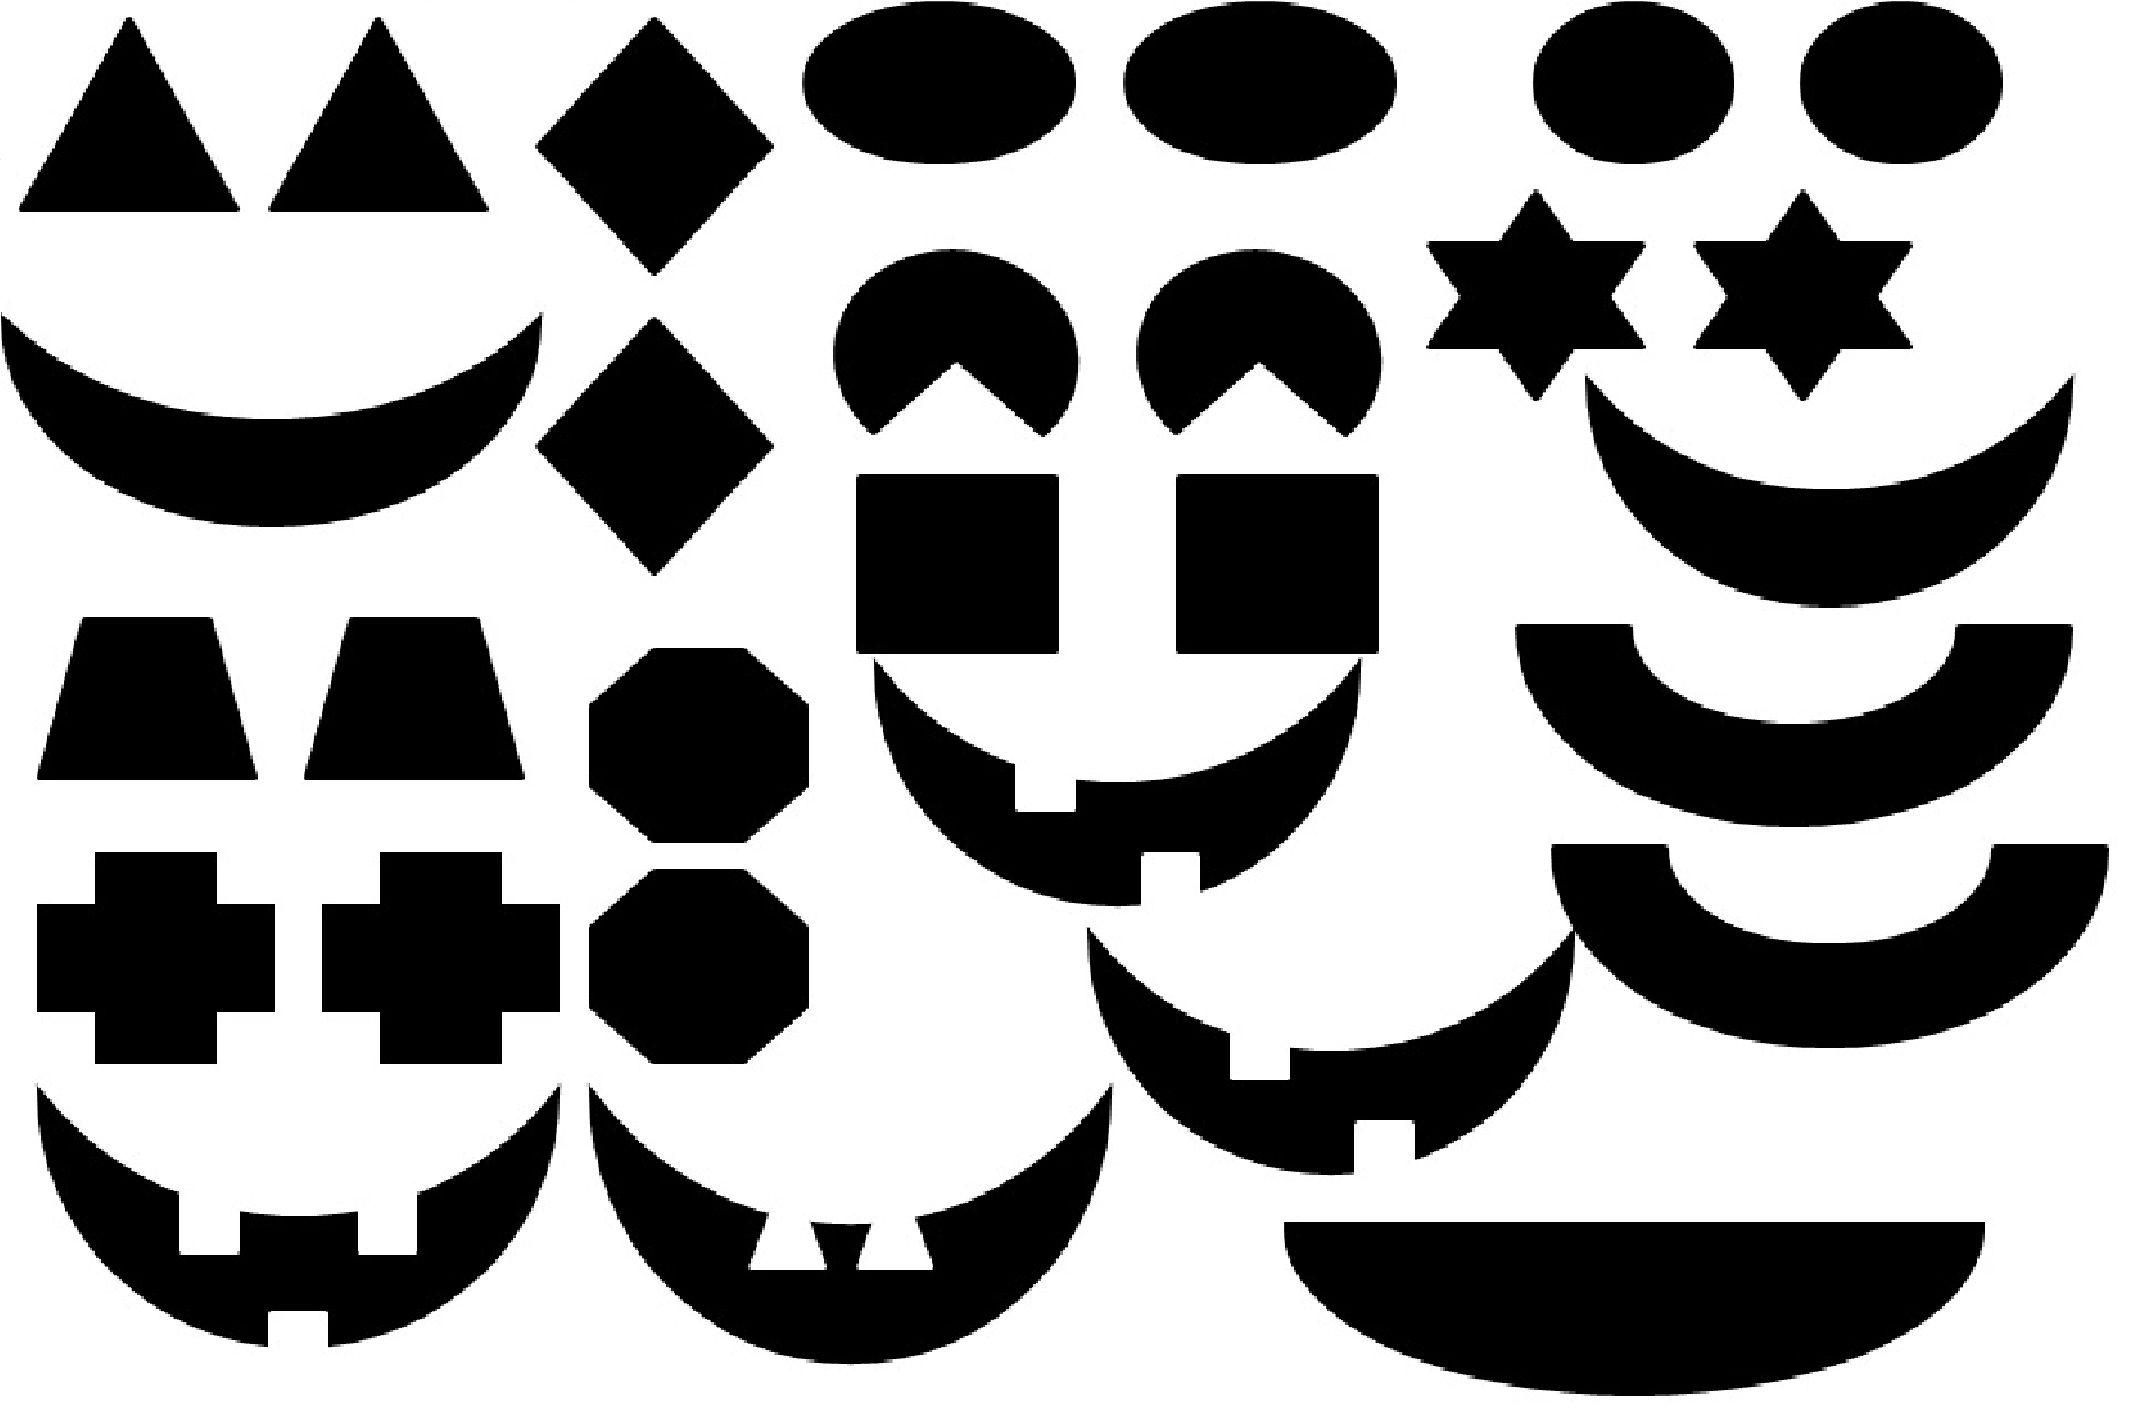 template jack o lantern eyes  Matching Craft with Jack-O-Lanterns | Jack o lantern faces ...